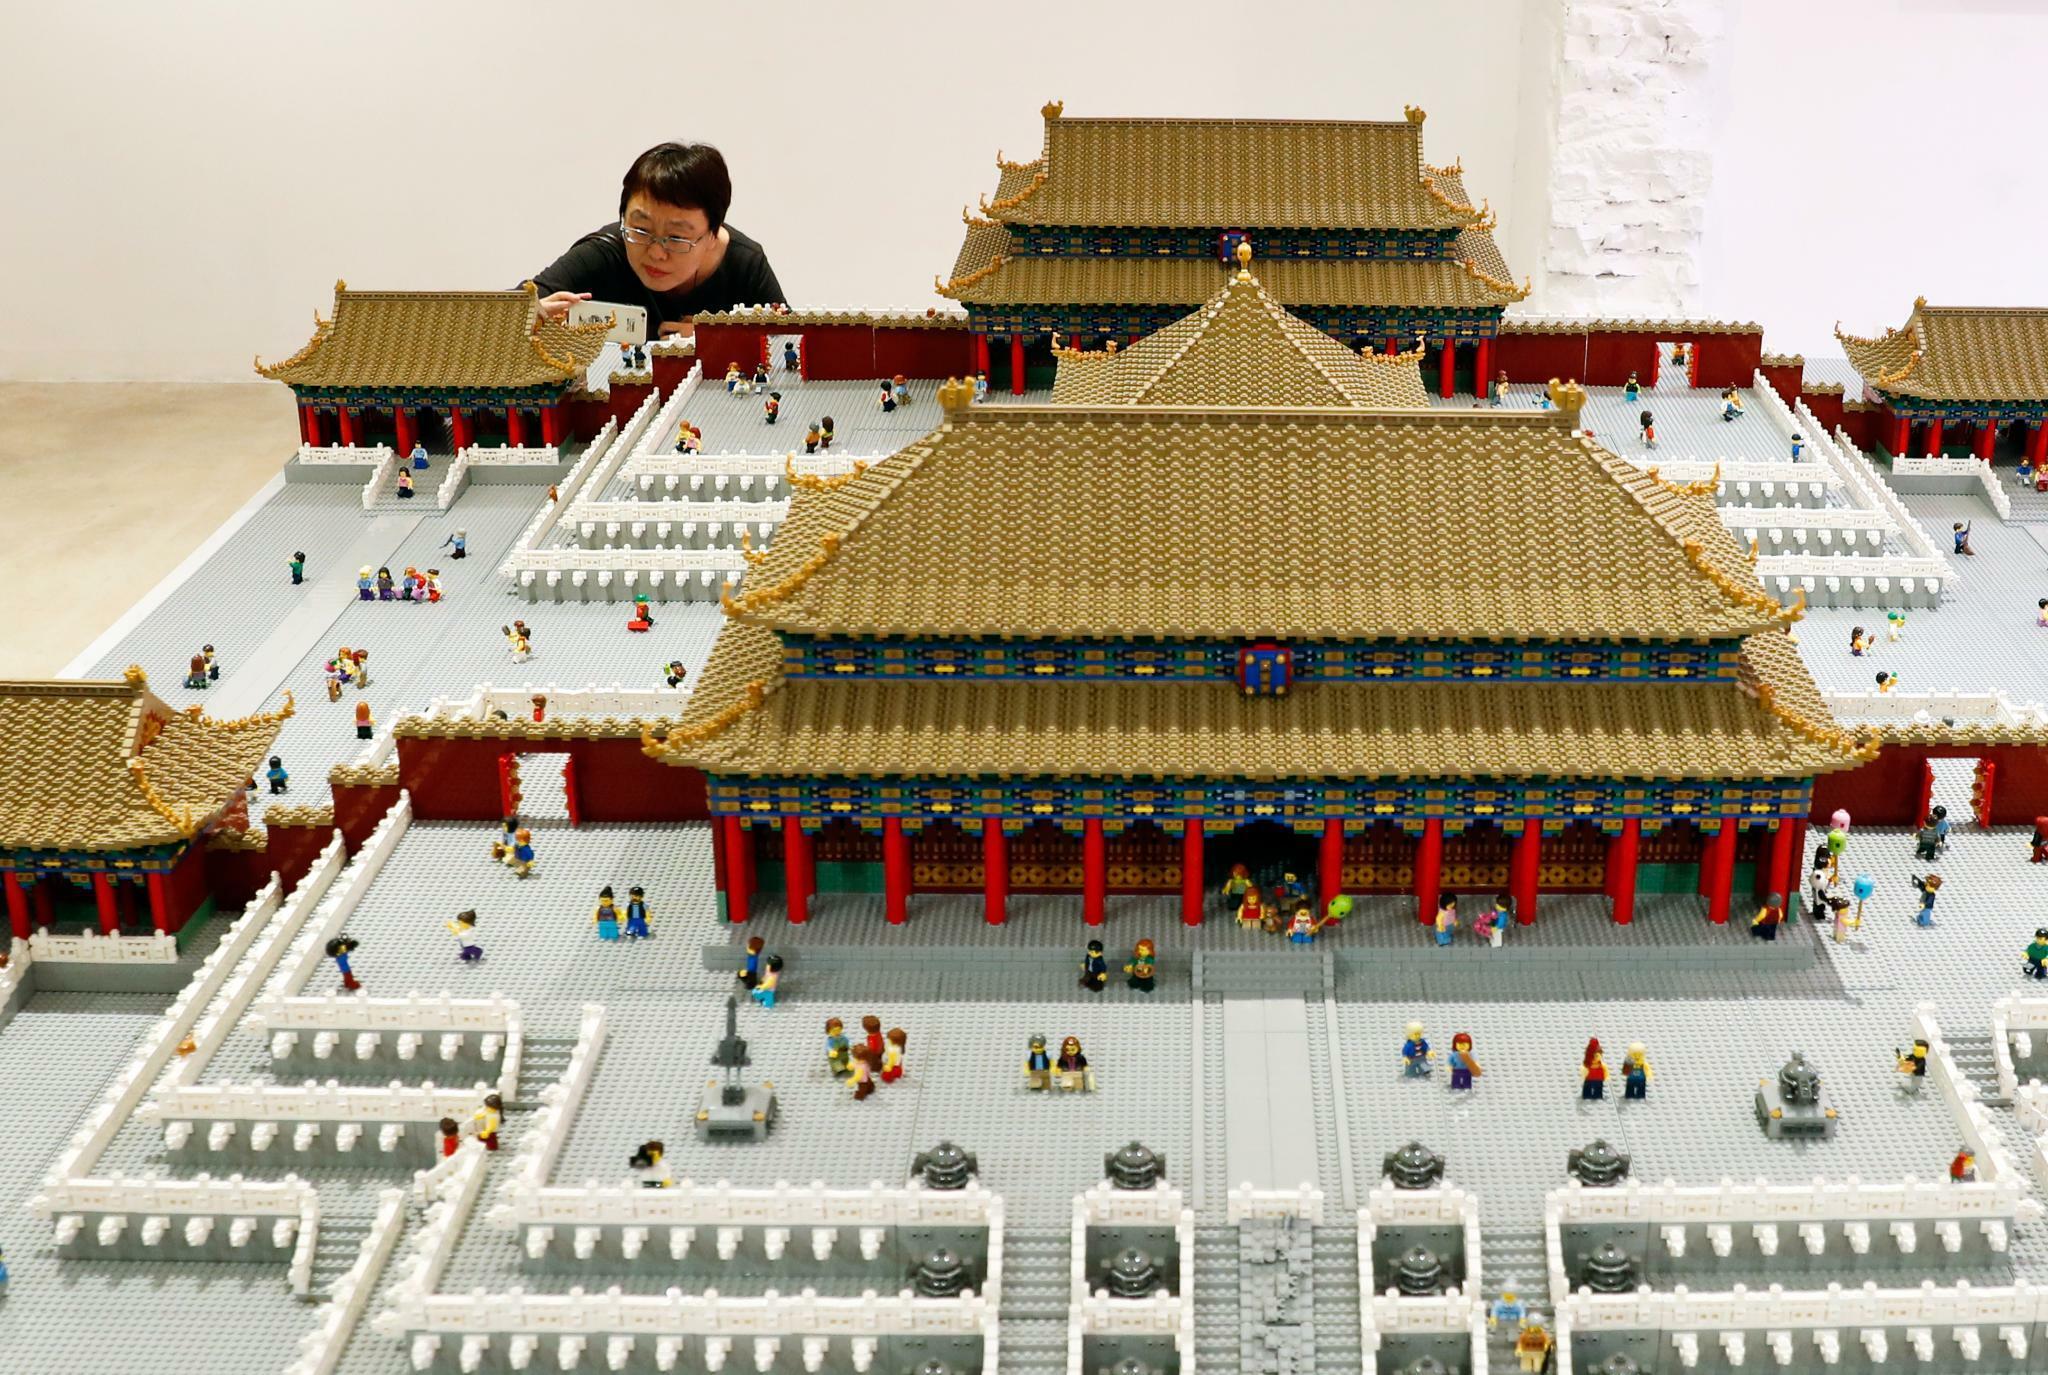 Lego Schwacher Us Dollar Wirkt Sich Auf Bilanz Aus